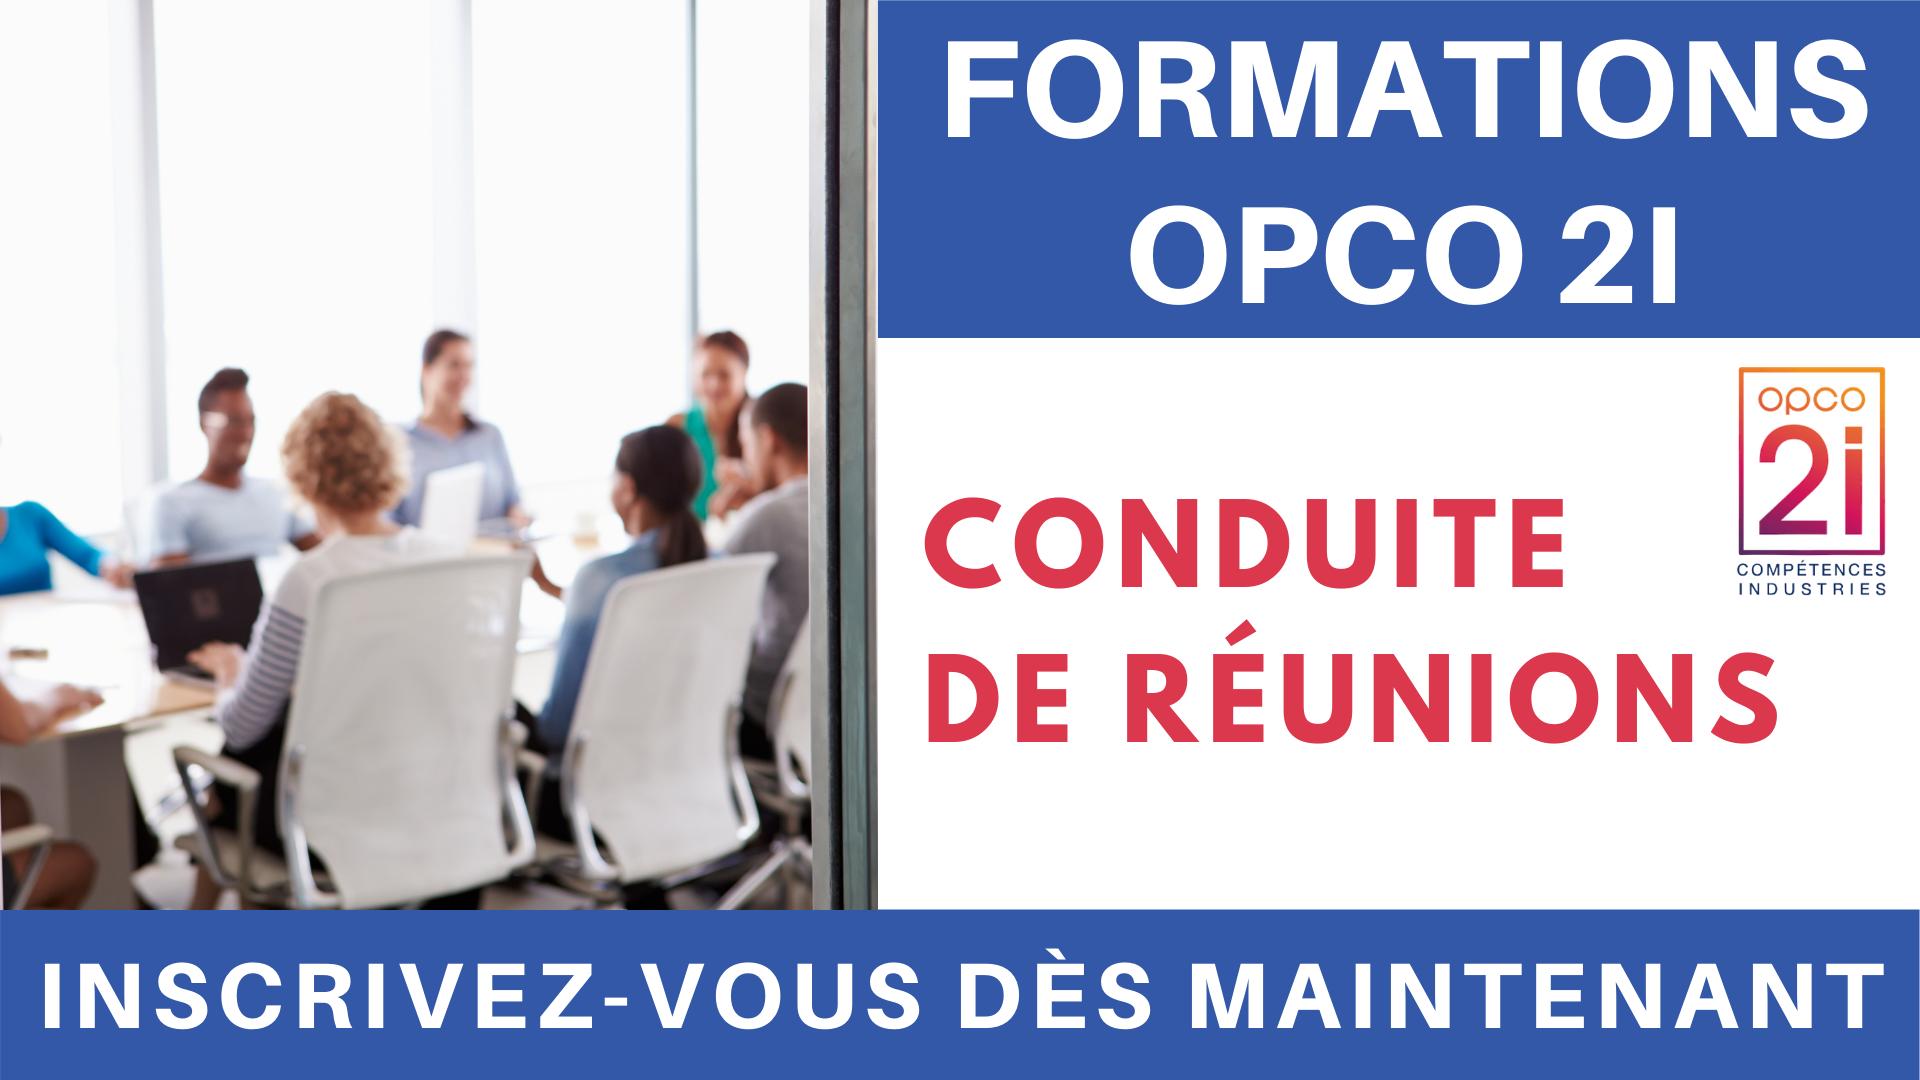 Pub Formations OPCO 2i - Conduite de réunions